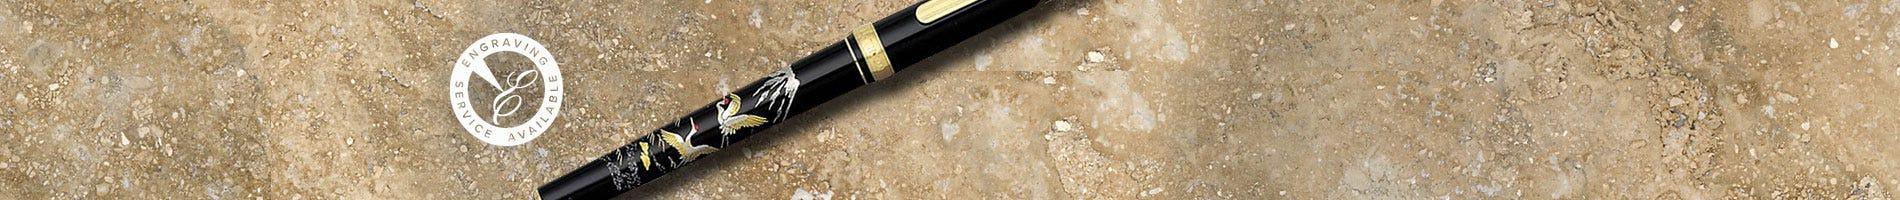 Platinum pen decorated with Japanese Maki-e design